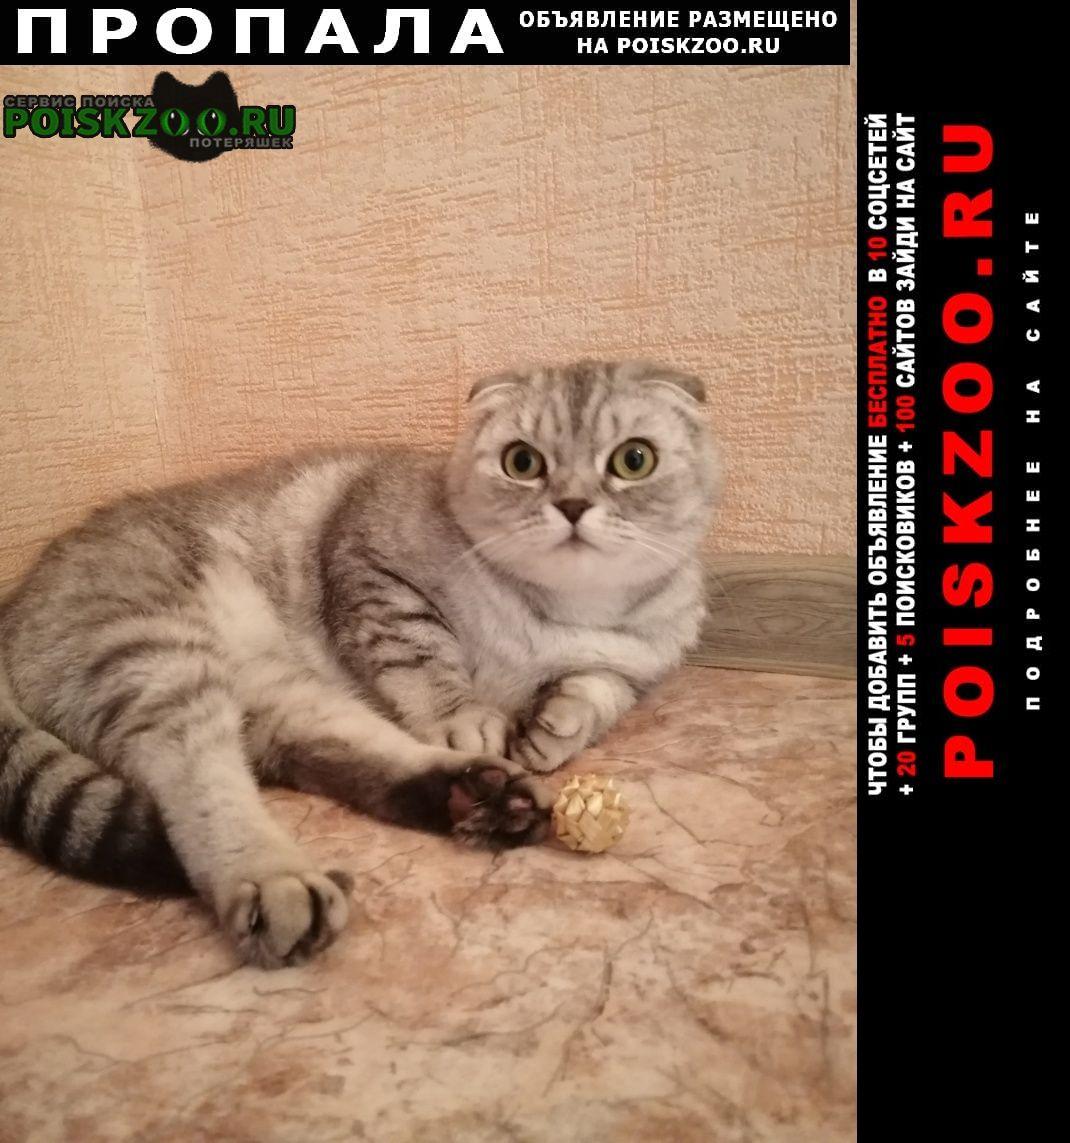 Пропала кошка помогите найти любимицу Воронеж